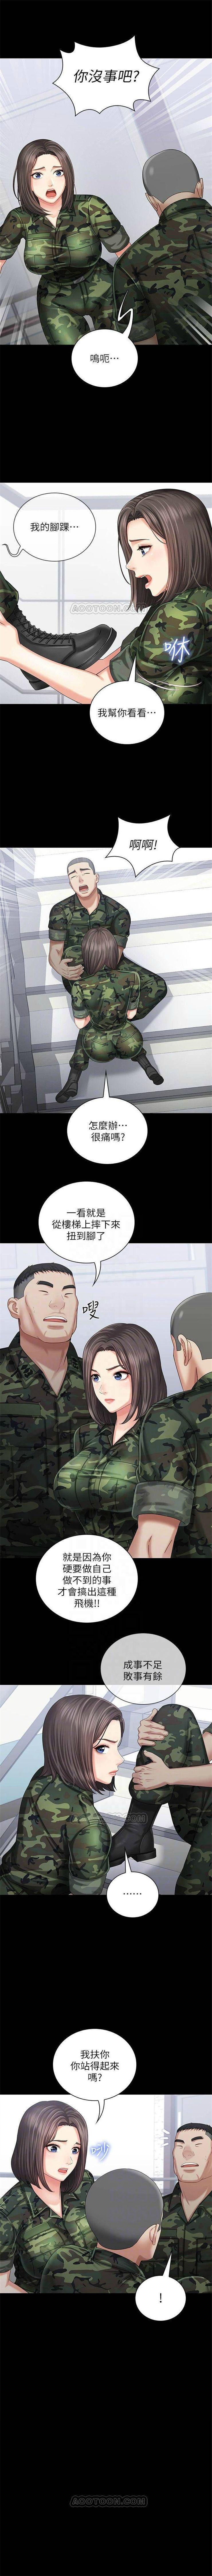 (週6)妹妹的義務 1-19 中文翻譯(更新中) 105